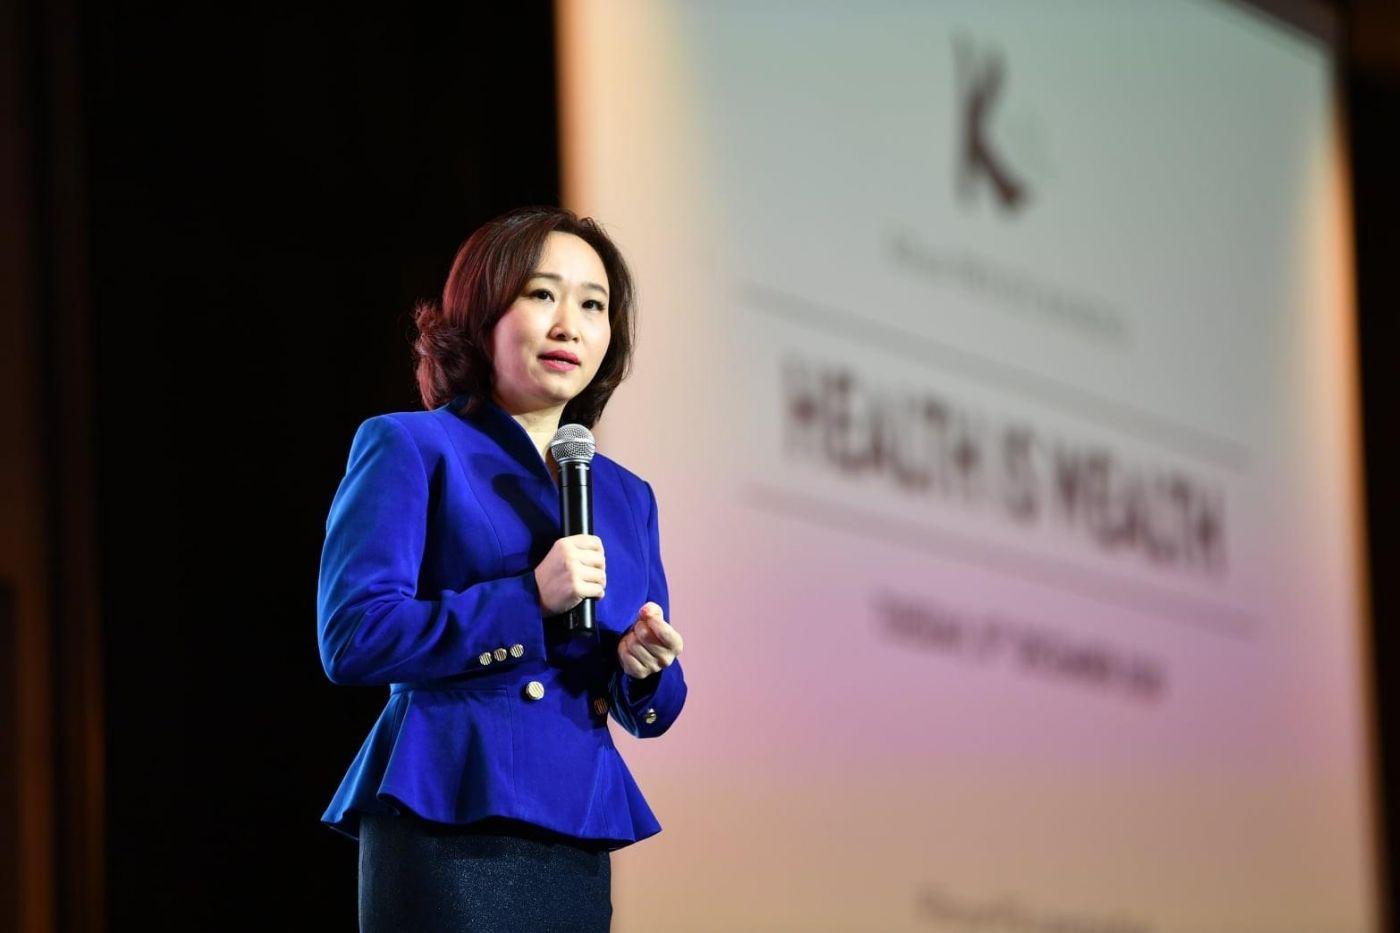 เคแบงก์ ไพรเวทแบงกิ้ง จุดกระแสลงทุนในโกลบอลเฮลท์แคร์ กับ K-GHEALTH กองทุนหุ้นนวัตกรรมทางการแพทย์ ตอบโจทย์ New Normal